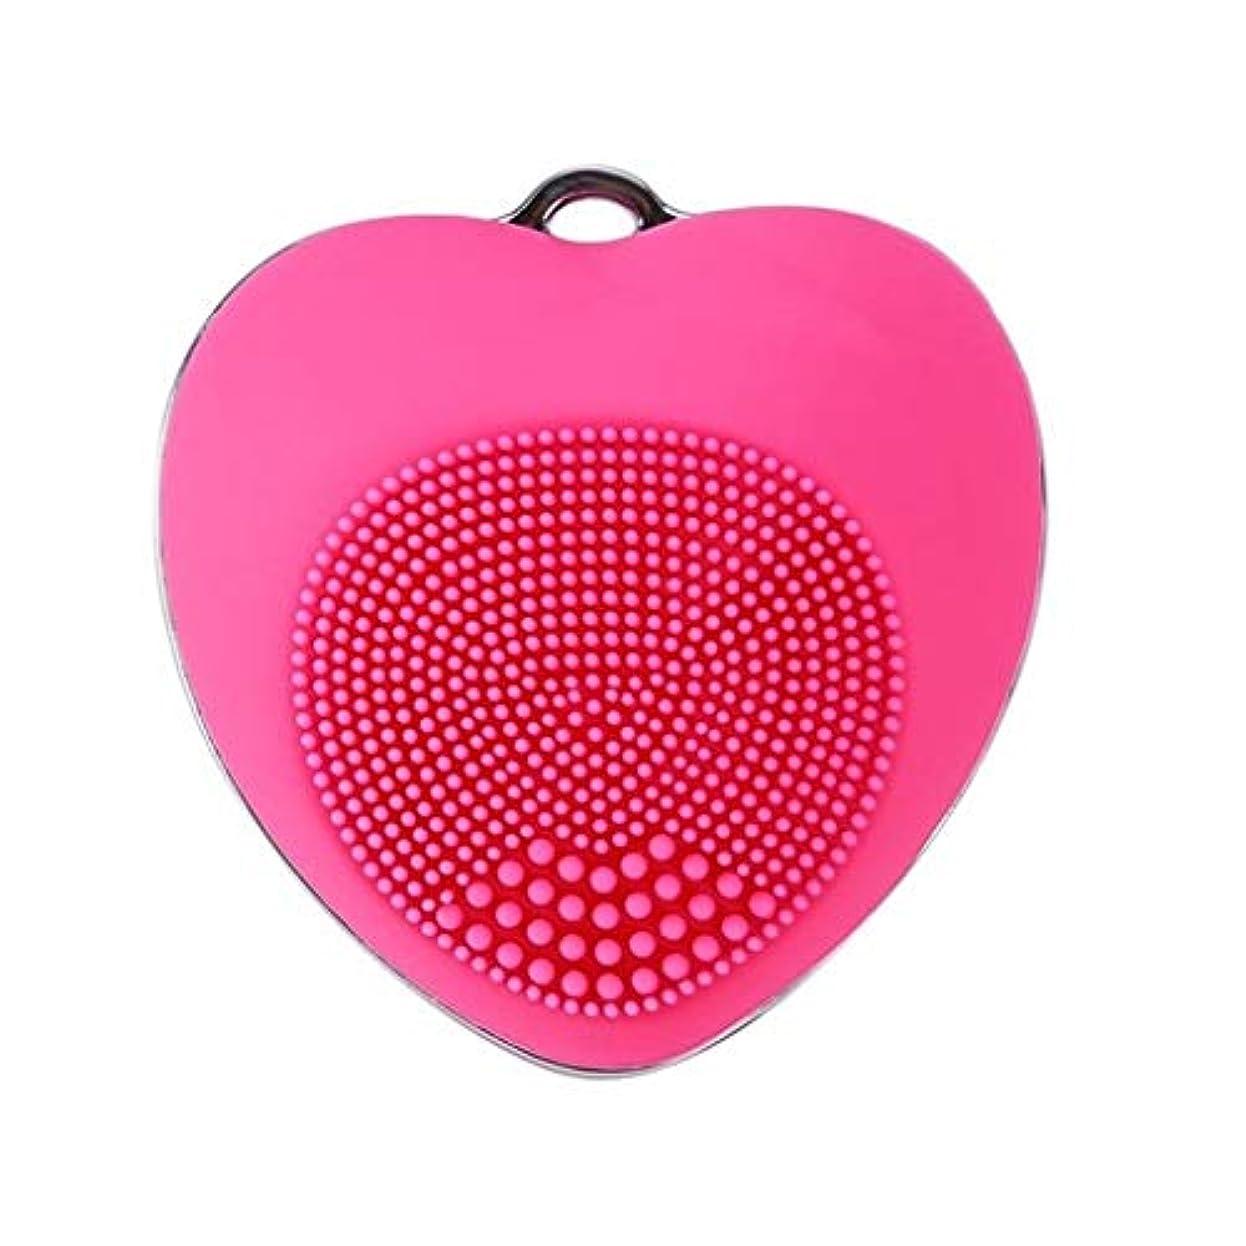 プラカード理論的慈悲電気クレンジング器具、超音波洗浄ポータブルフェイシャルマッサージャーきれいな毛穴深いクレンジング穏やかな角質除去黒ずみを除去 (Color : Rose Red)